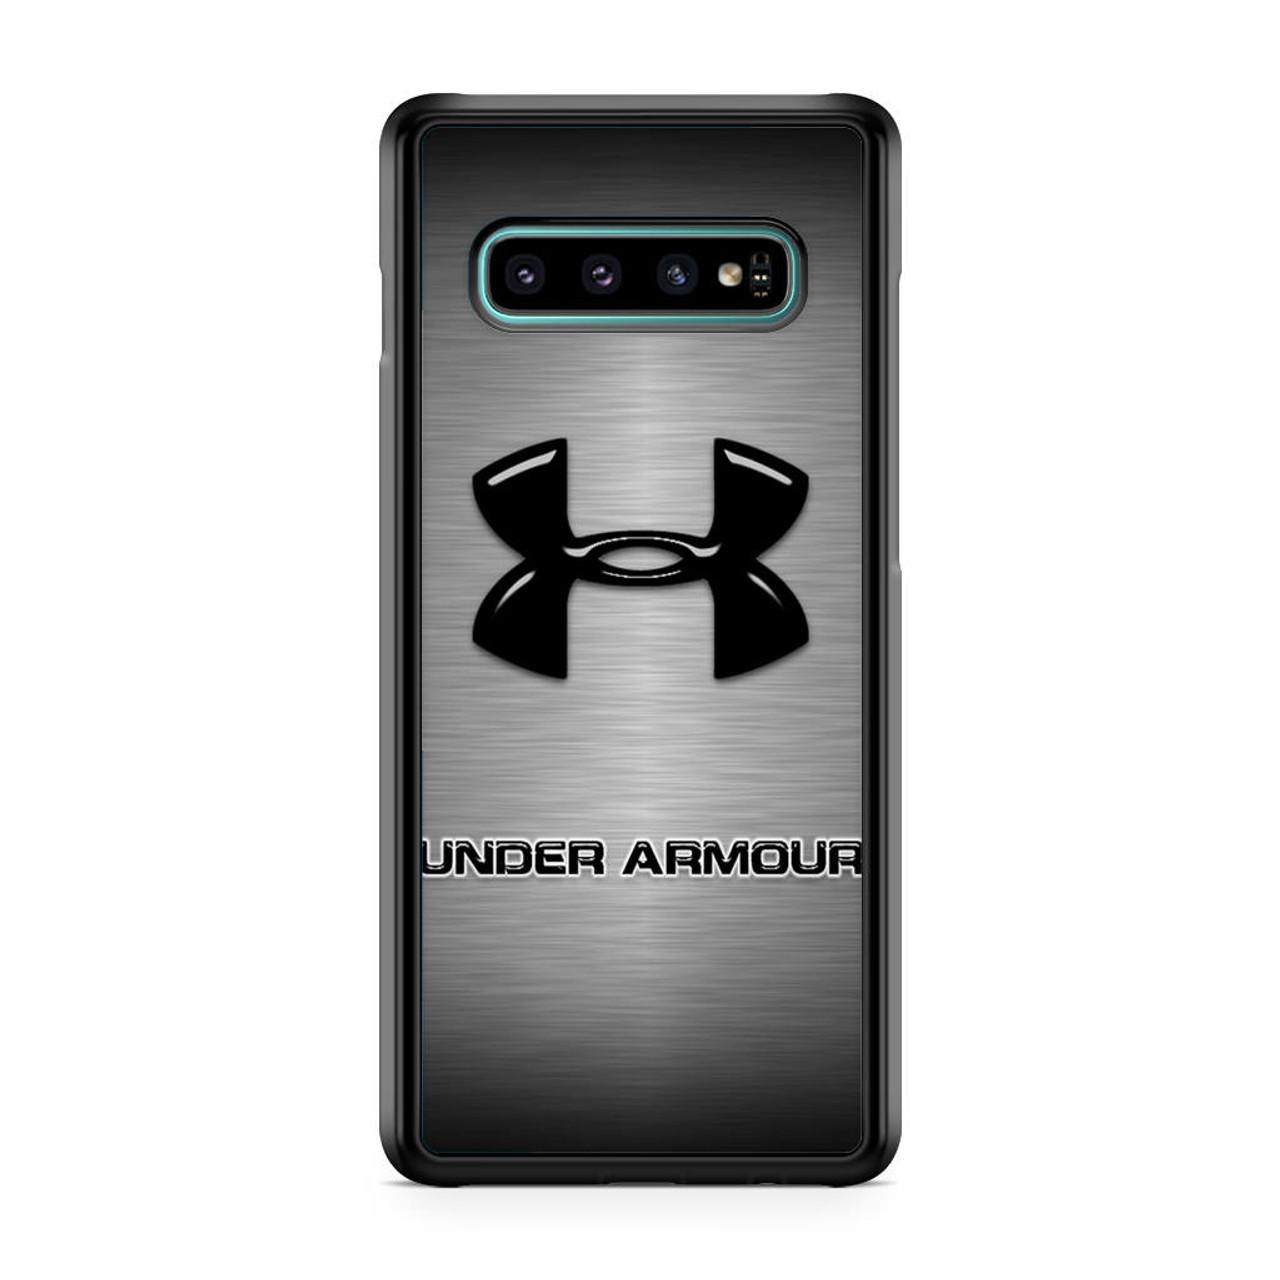 taniej zamówienie online przybywa Under Armour Samsung Galaxy S10 Case